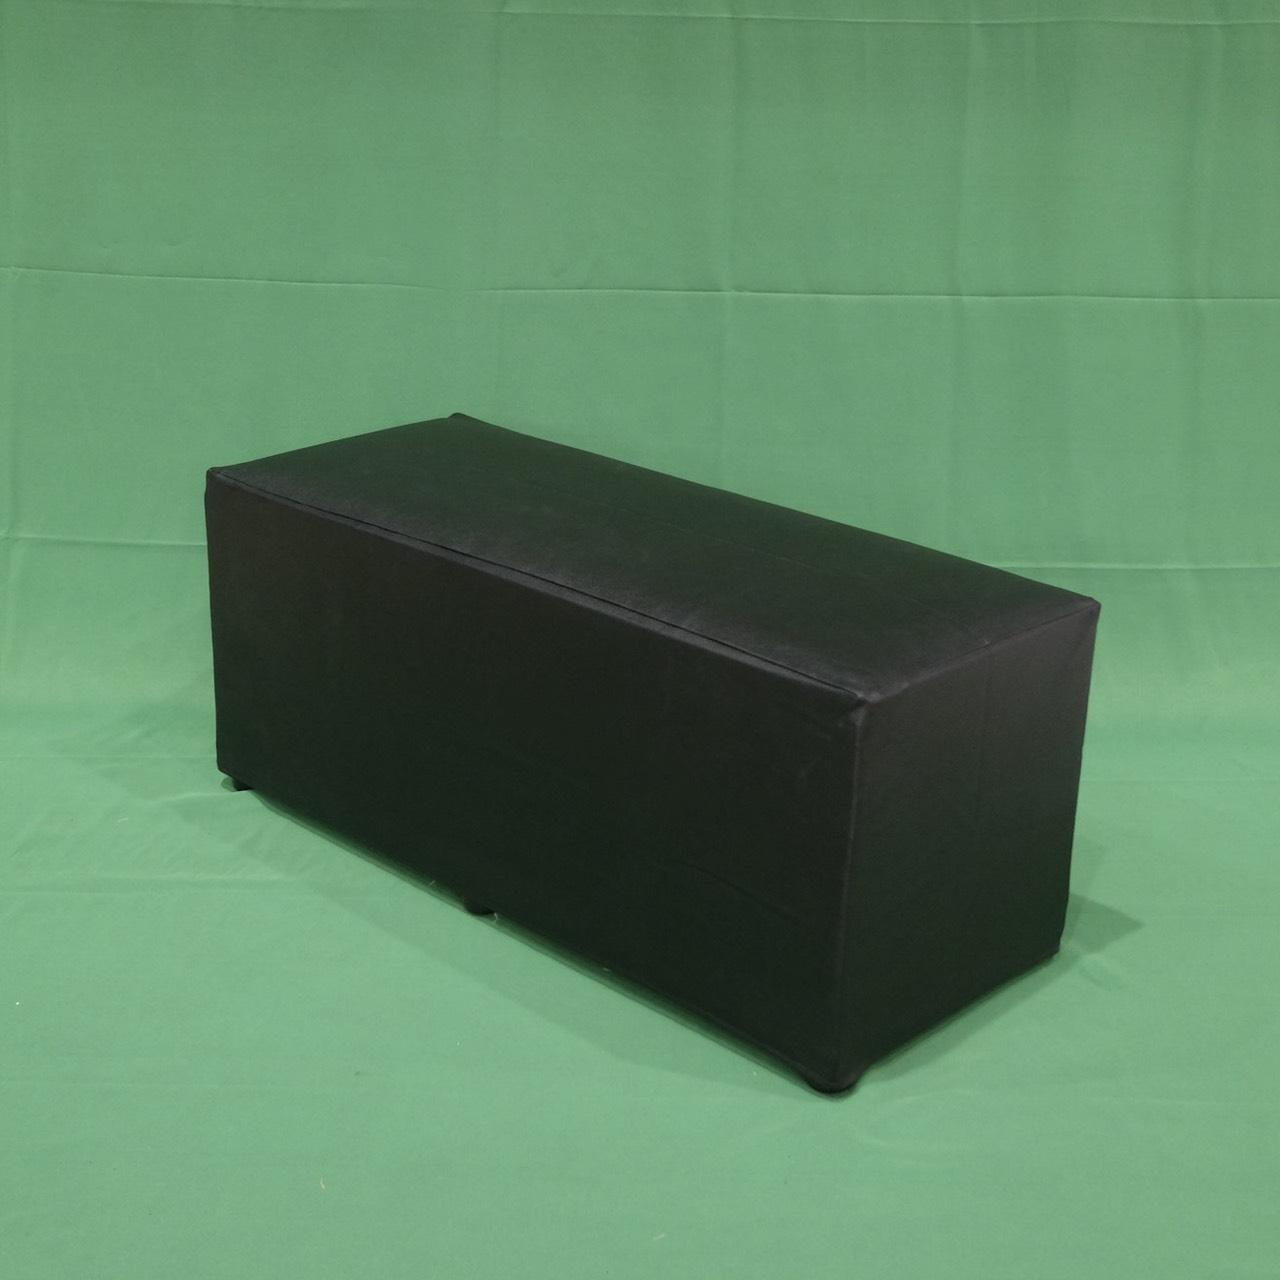 เก้าอี้สตูลลูกเต๋ายาวสีดำ